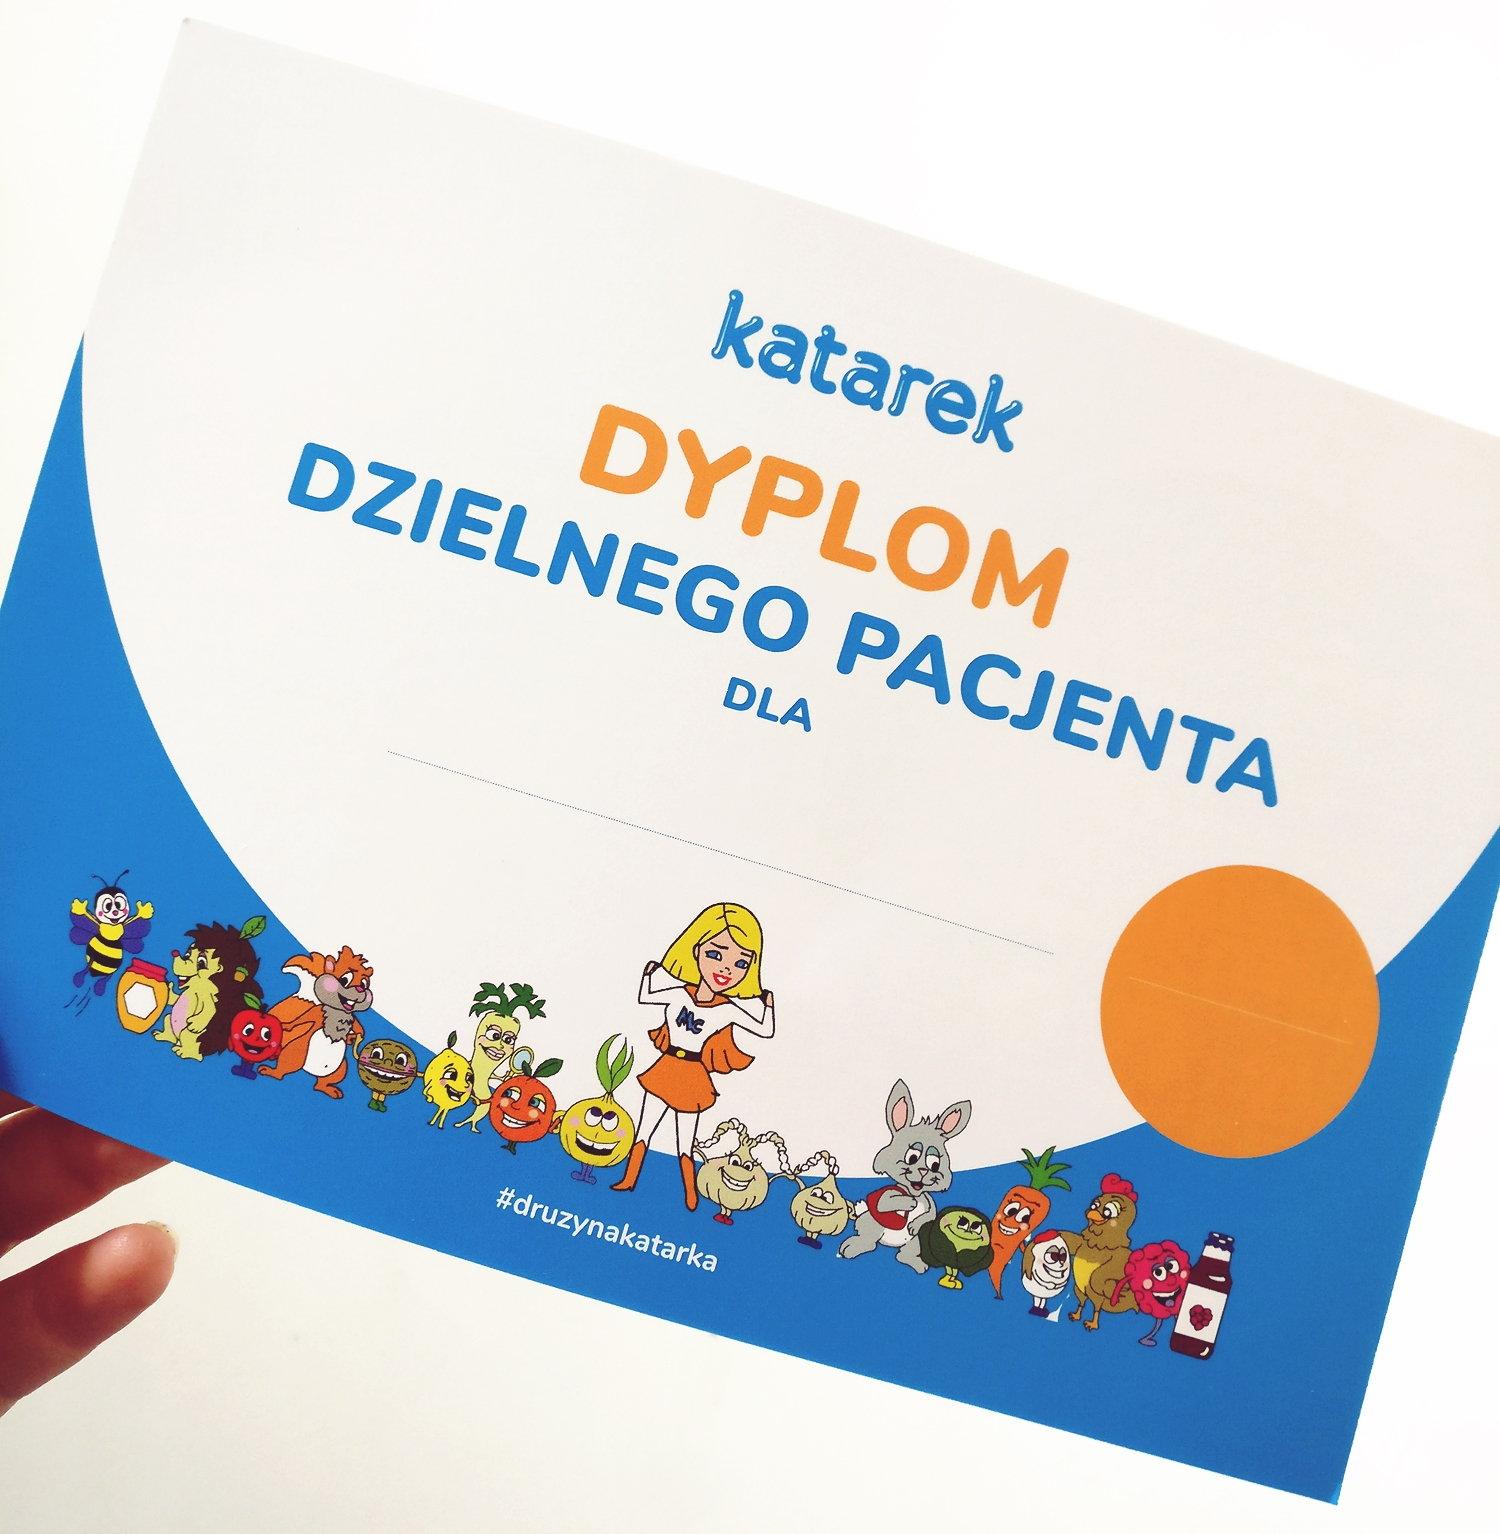 dyplom-dla-dzieci